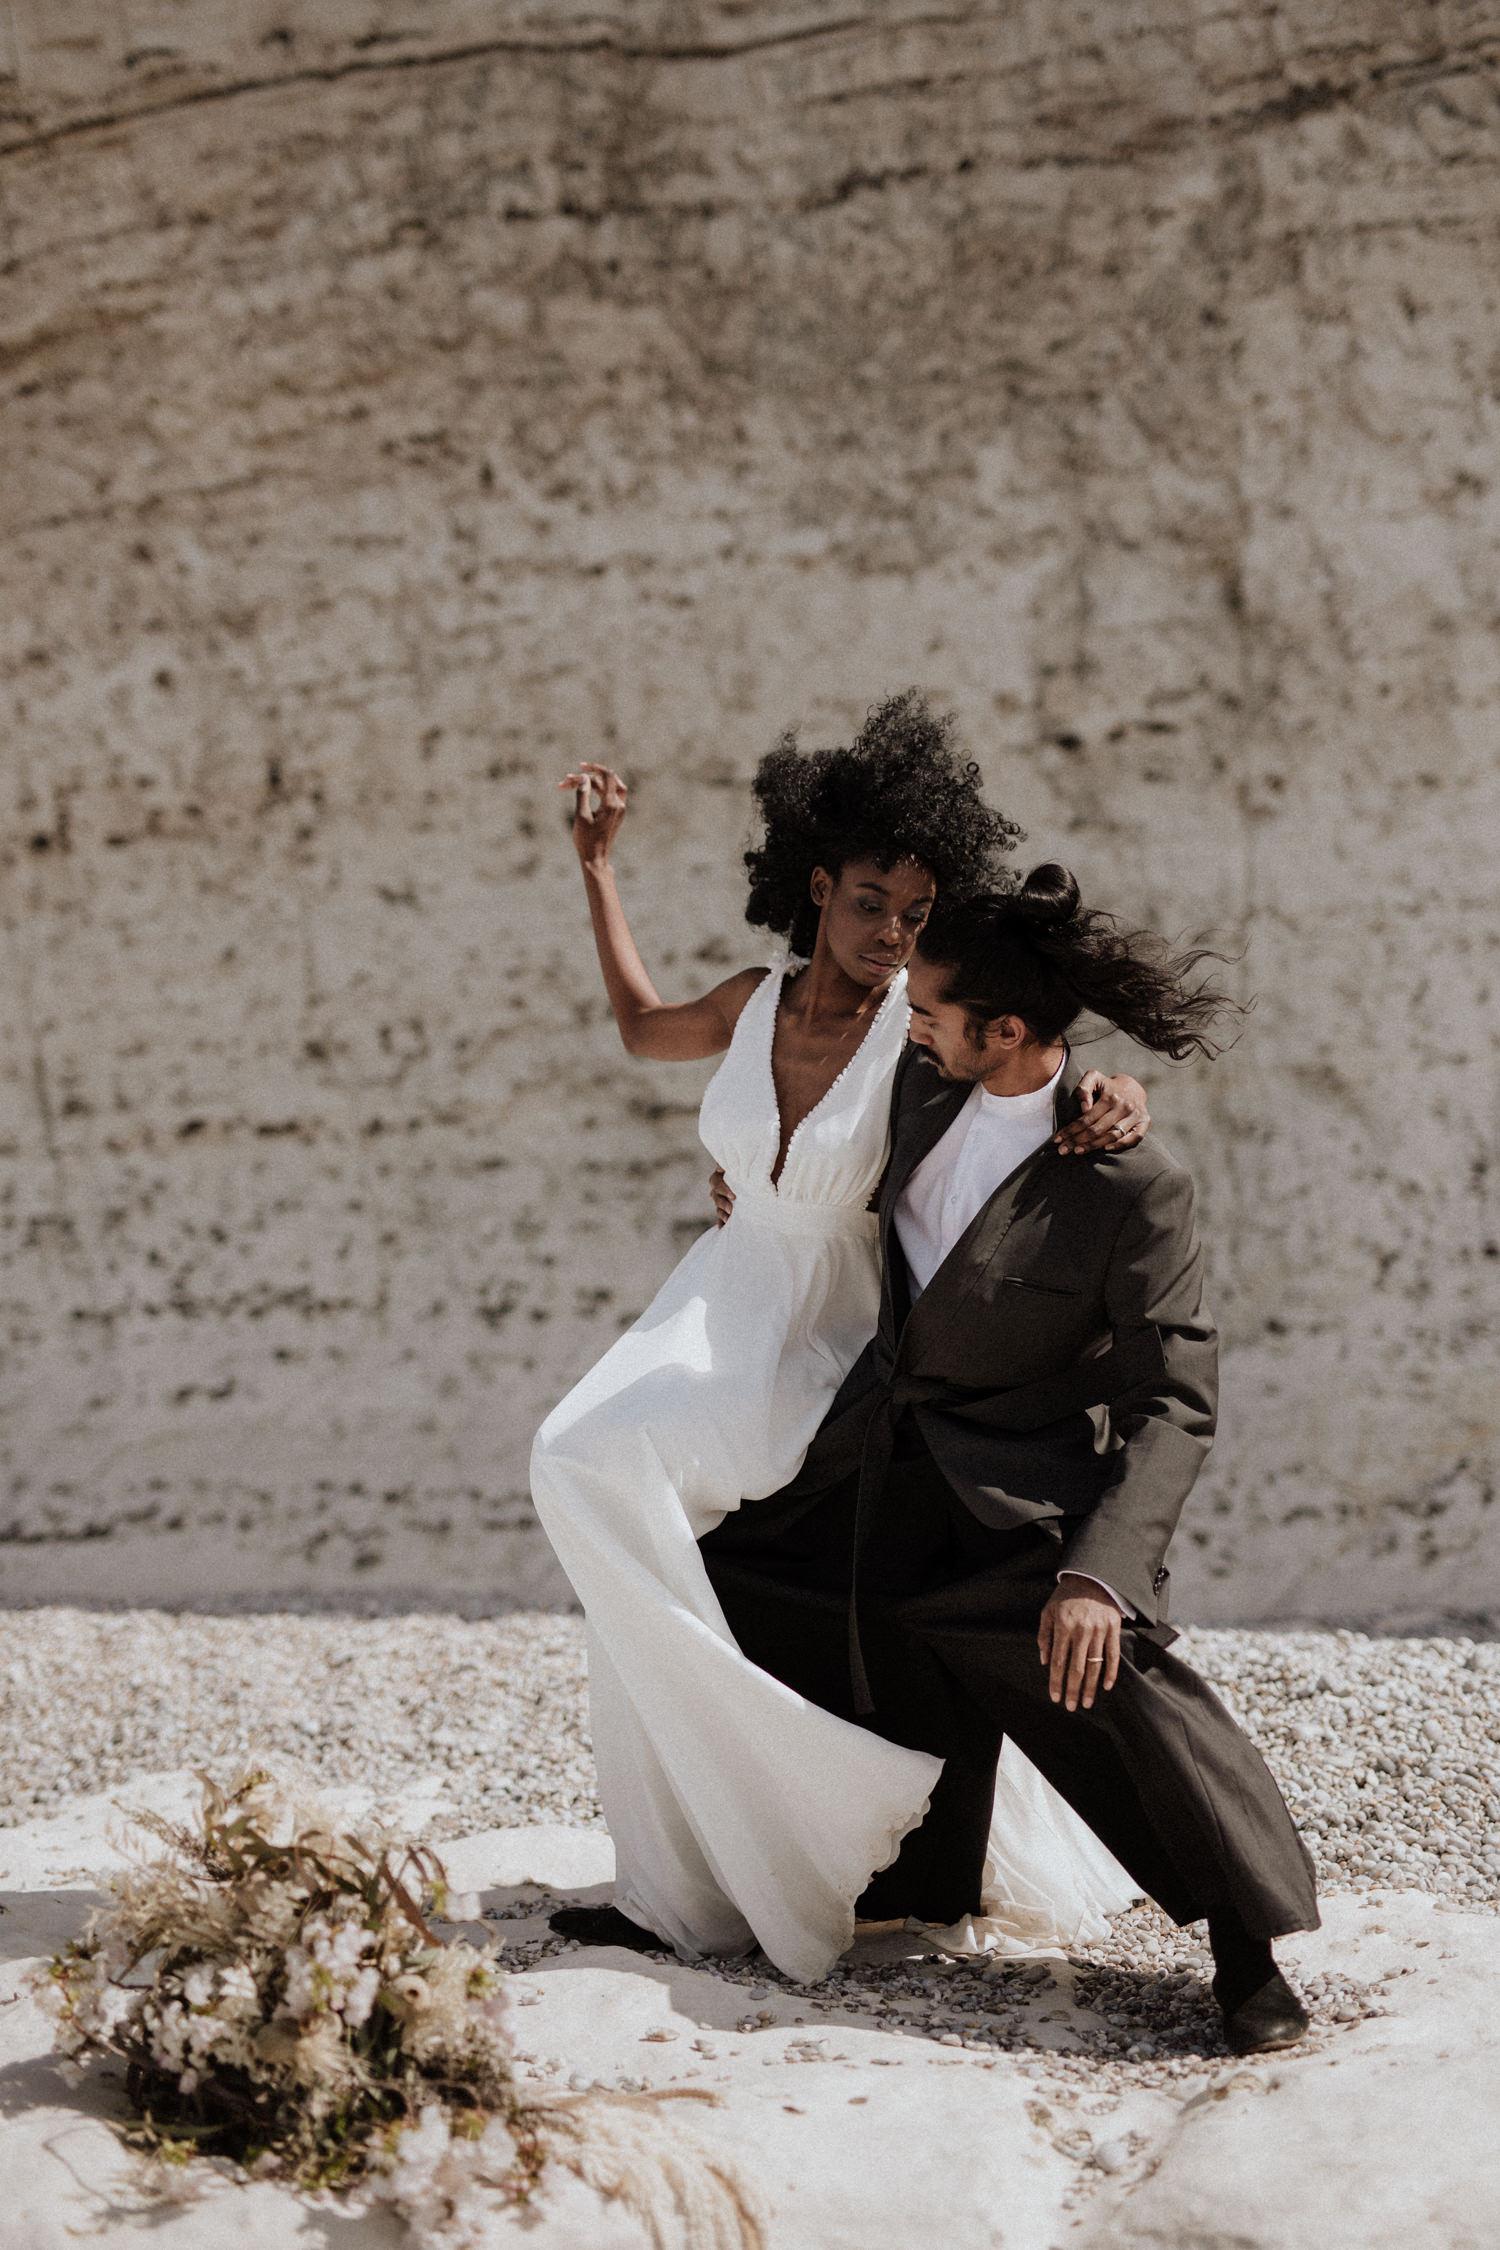 Lika Banshoya - Photographe de mariage - La mariée aux pieds nus